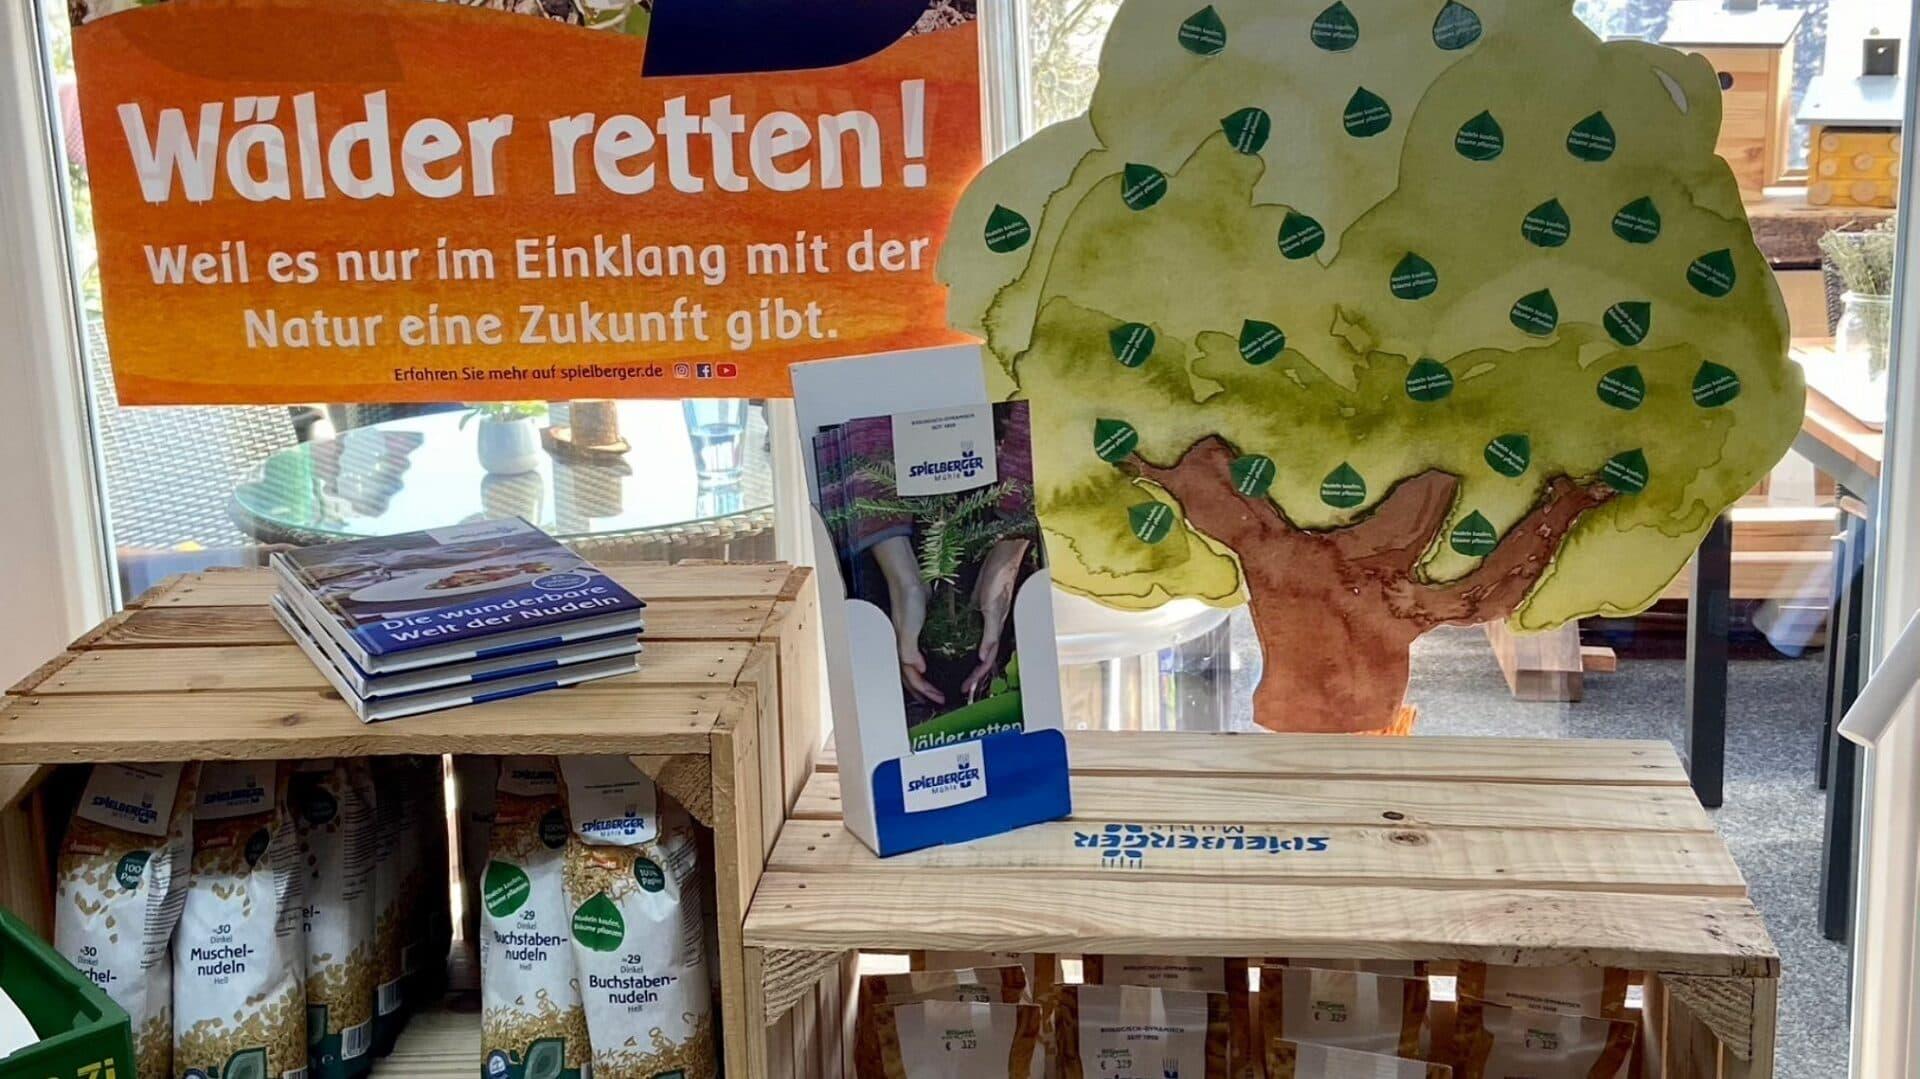 Spielberger Fachhandelsaktion Wälder retten